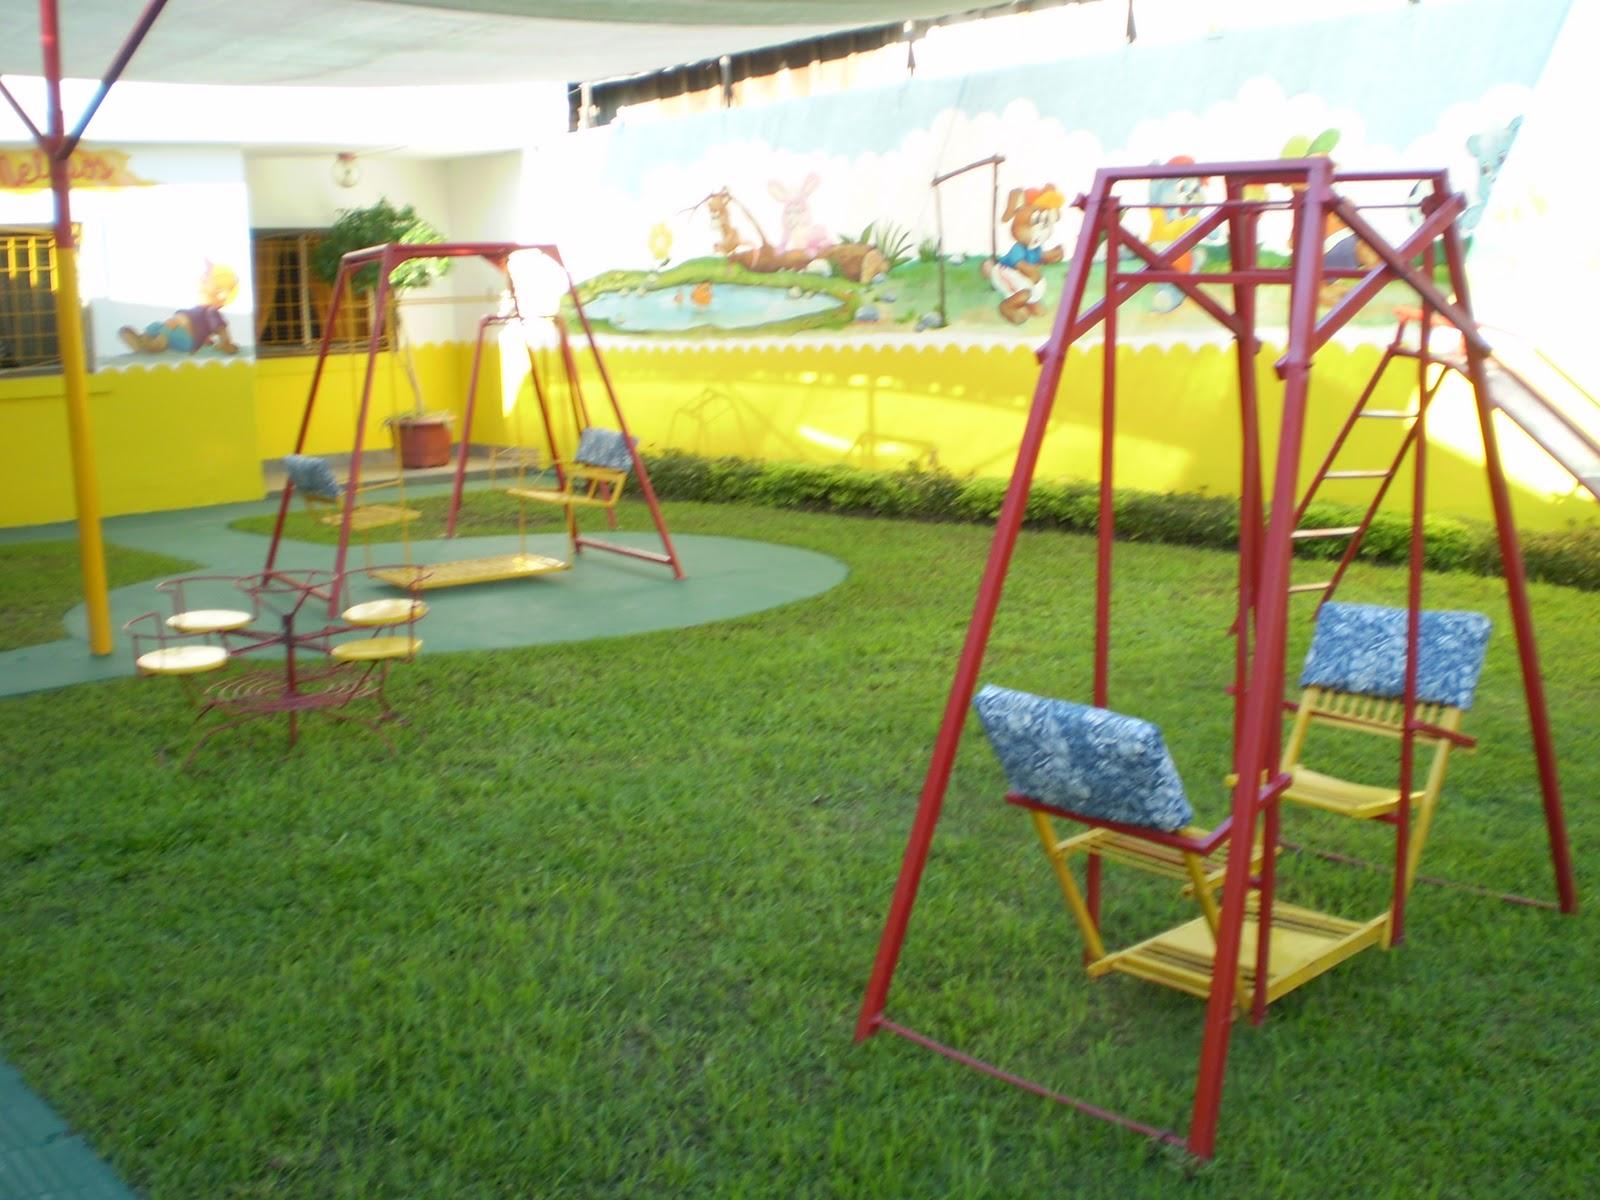 Maestra jardinera as es melosos for Amapola jardin de infantes